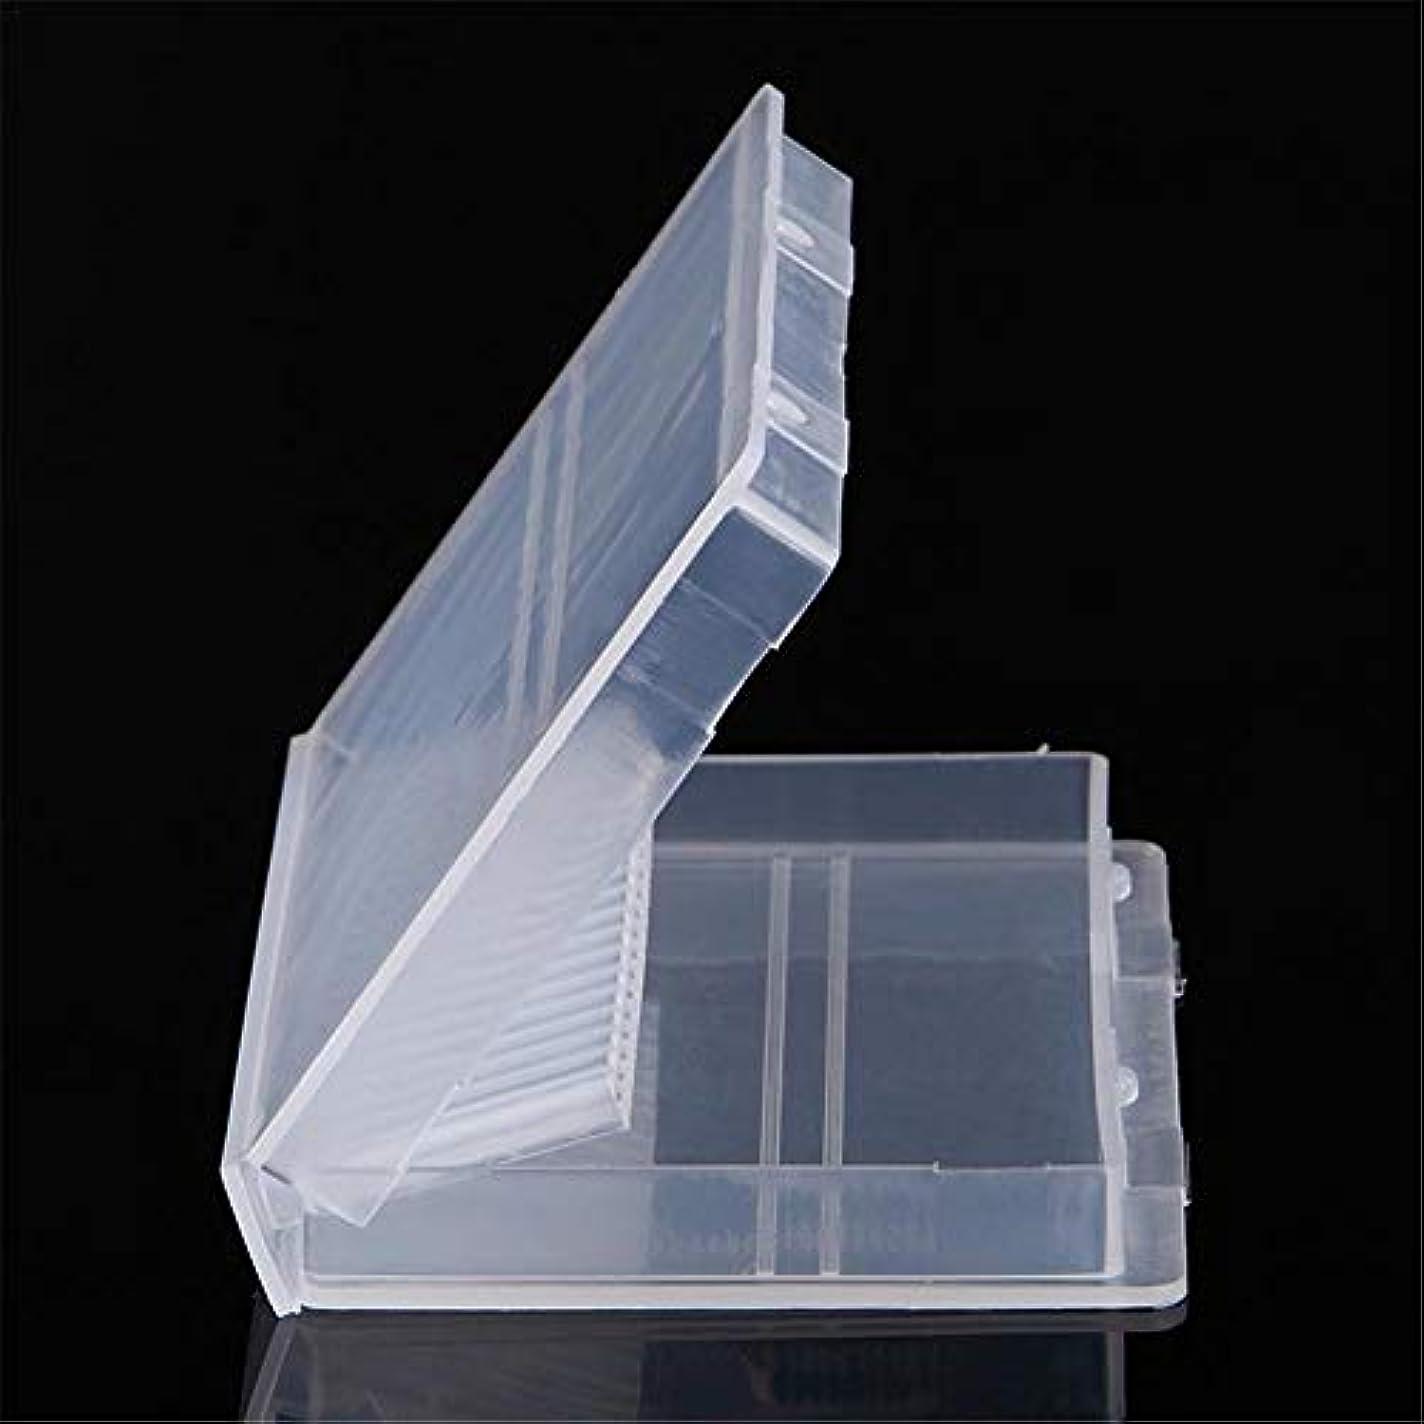 否定する統合明るいネイルドリル 収納ケース ネイルビッドセット 研削ネイル用 透明 プラスチック 20穴 ネイル研削ヘッド収納ボックス パーツボックス パーツケース アクセサリー収納